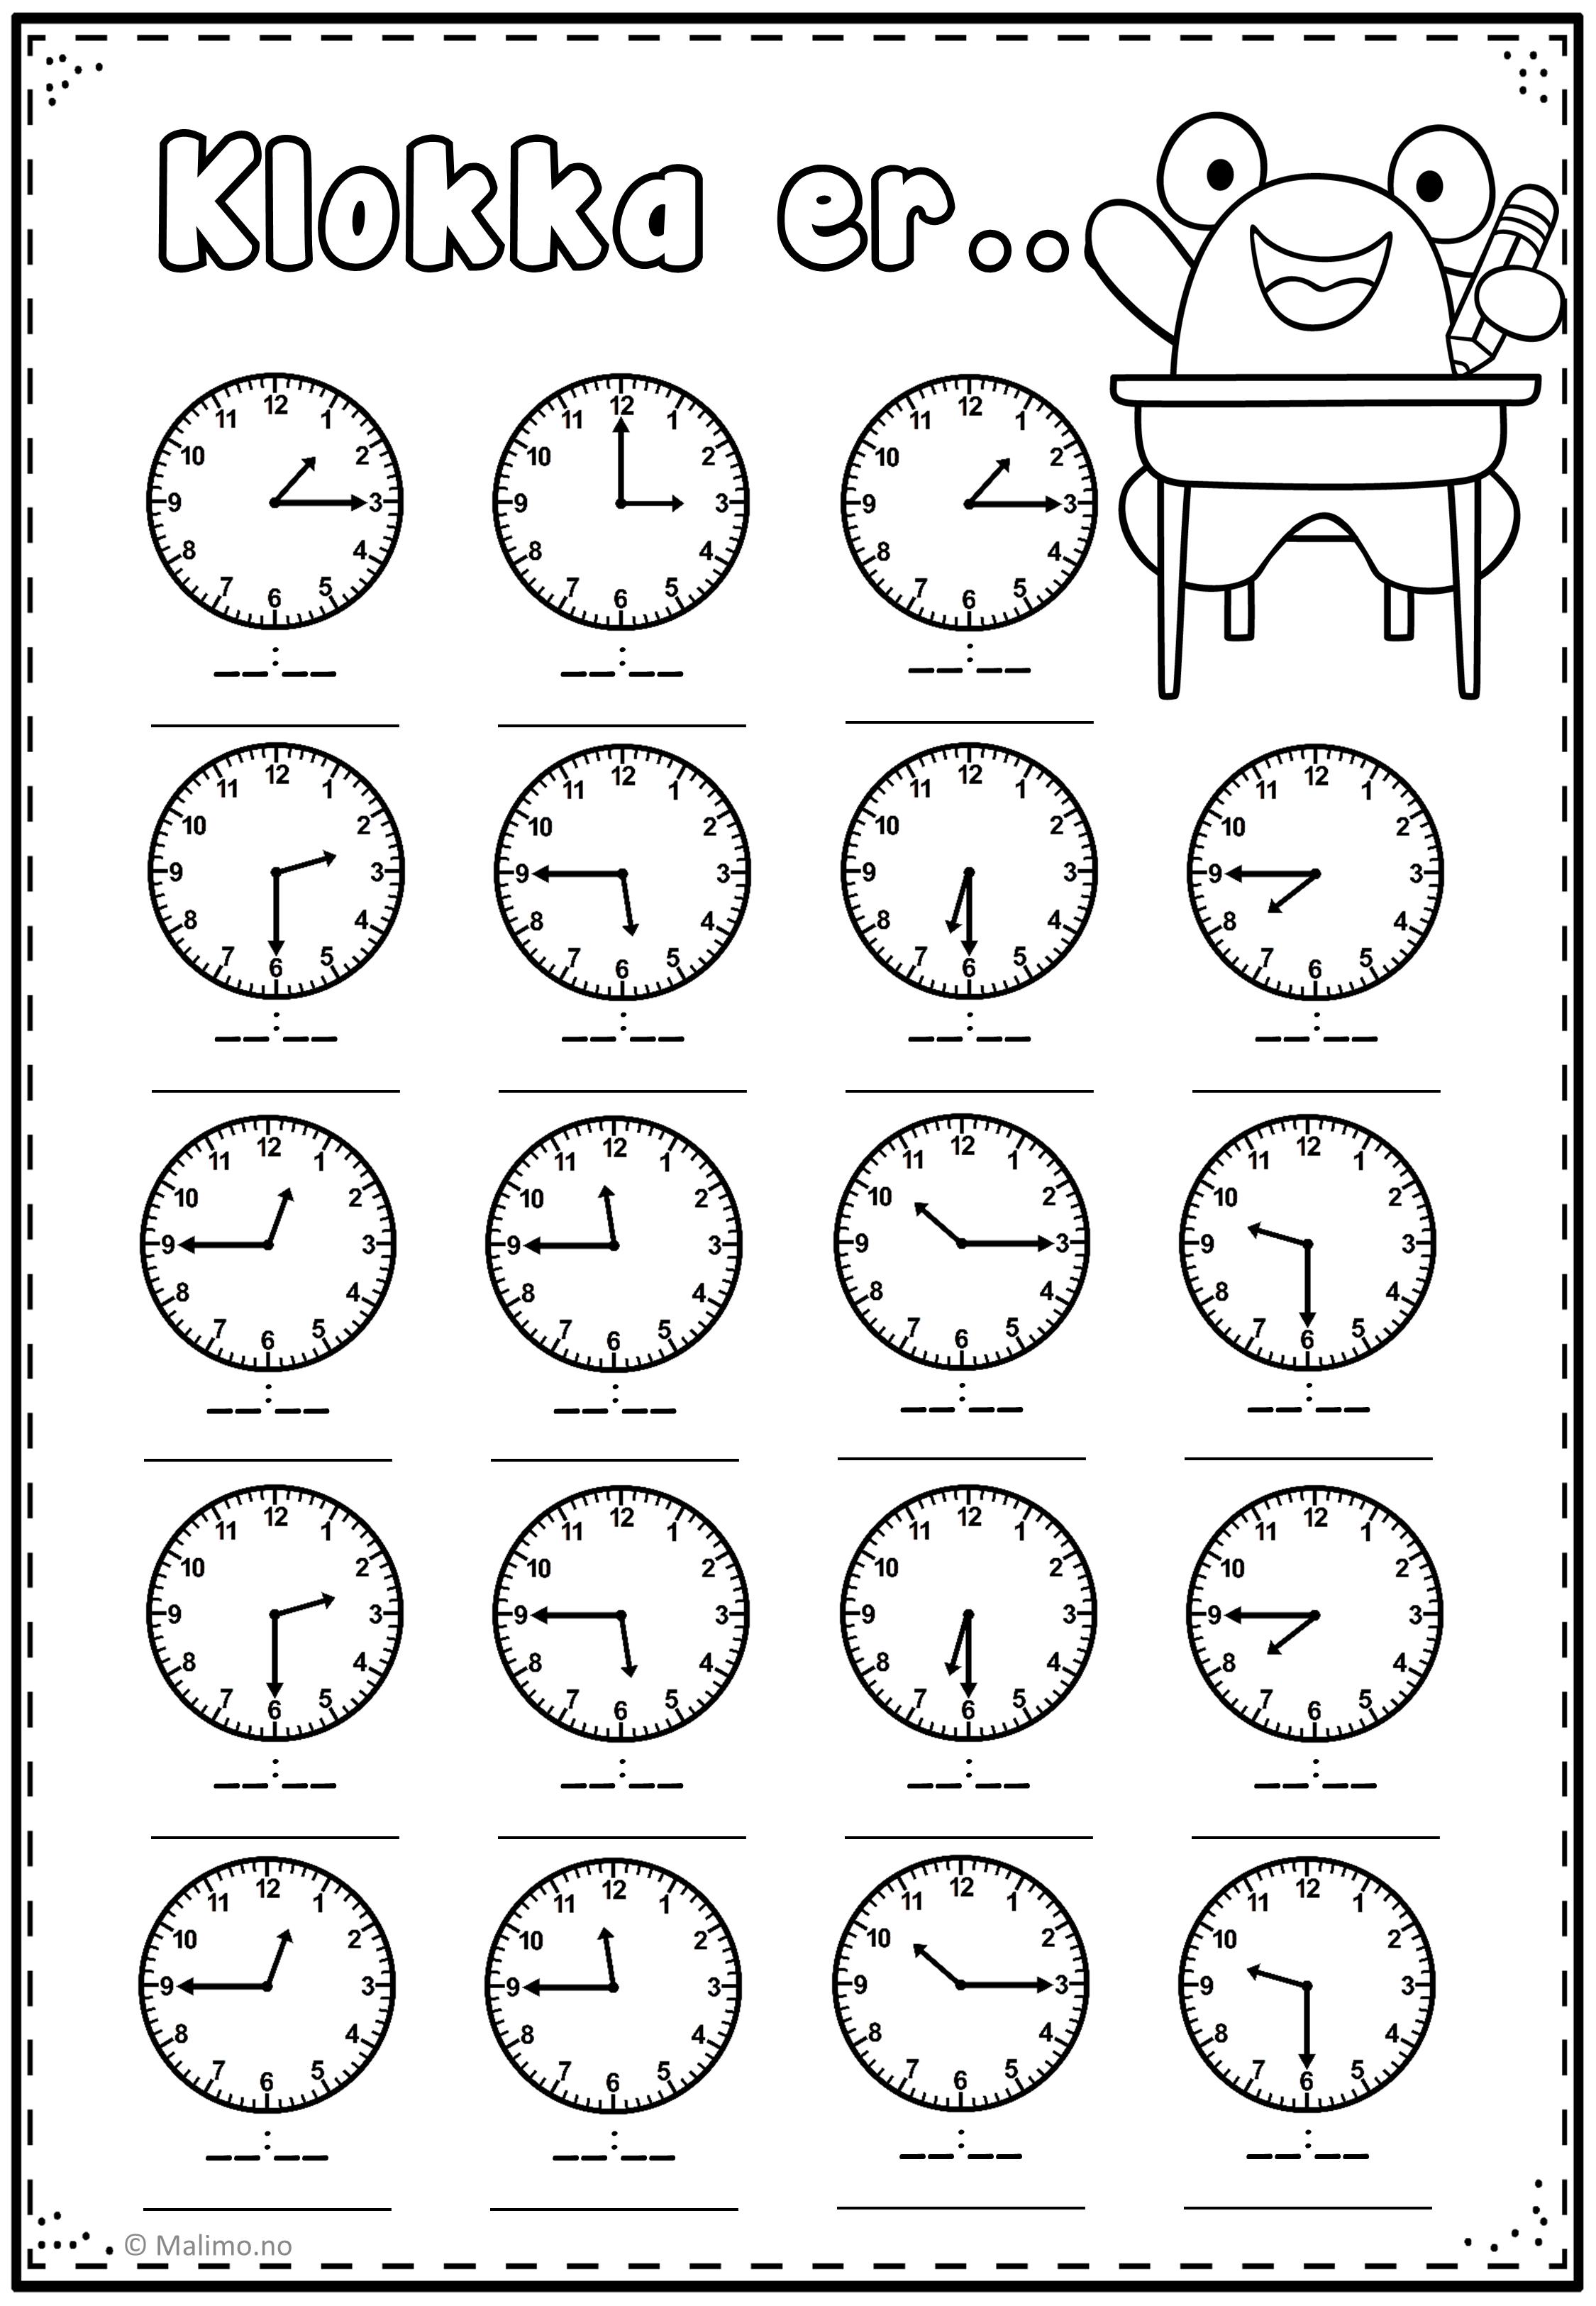 Malimo No Gratis Ressursbibliotek Til Sma Og Mellomtrinnet Spesialundervisning Arbeidsark Klokke [ 3250 x 2250 Pixel ]